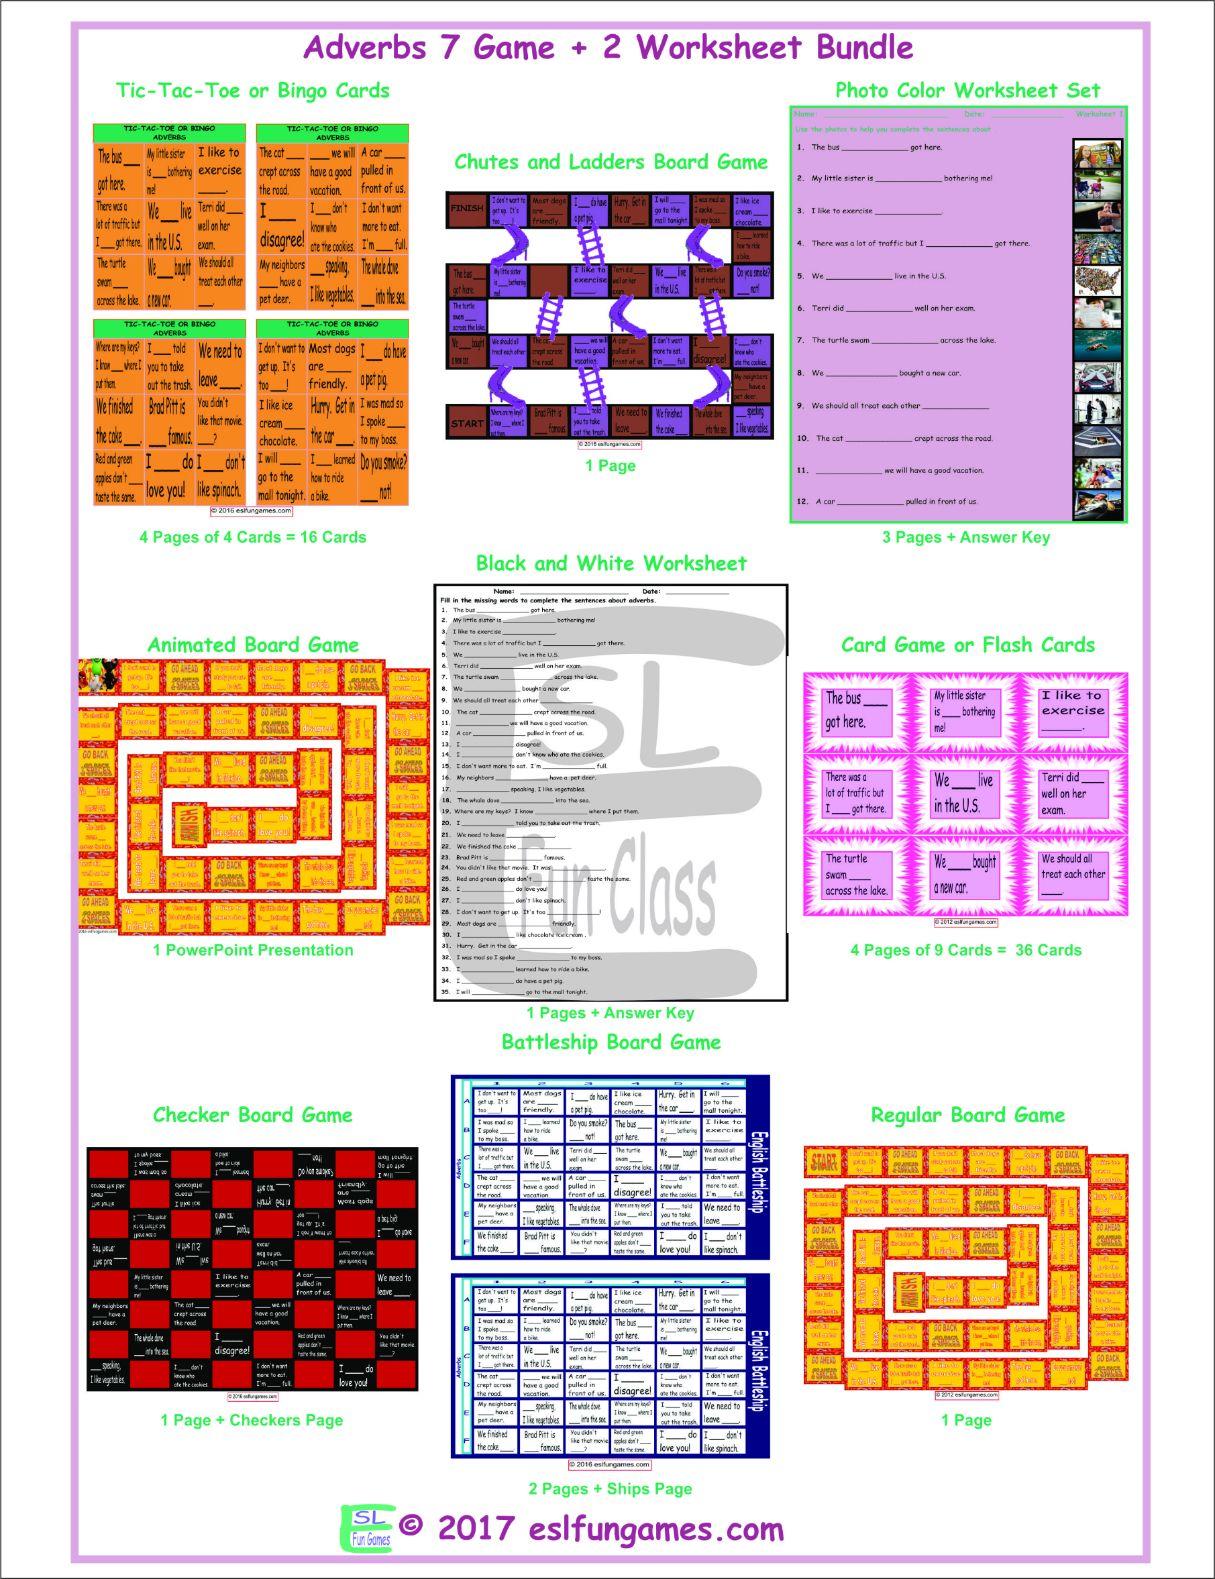 Adverbs 7 Game Plus 2 Worksheet Bundle